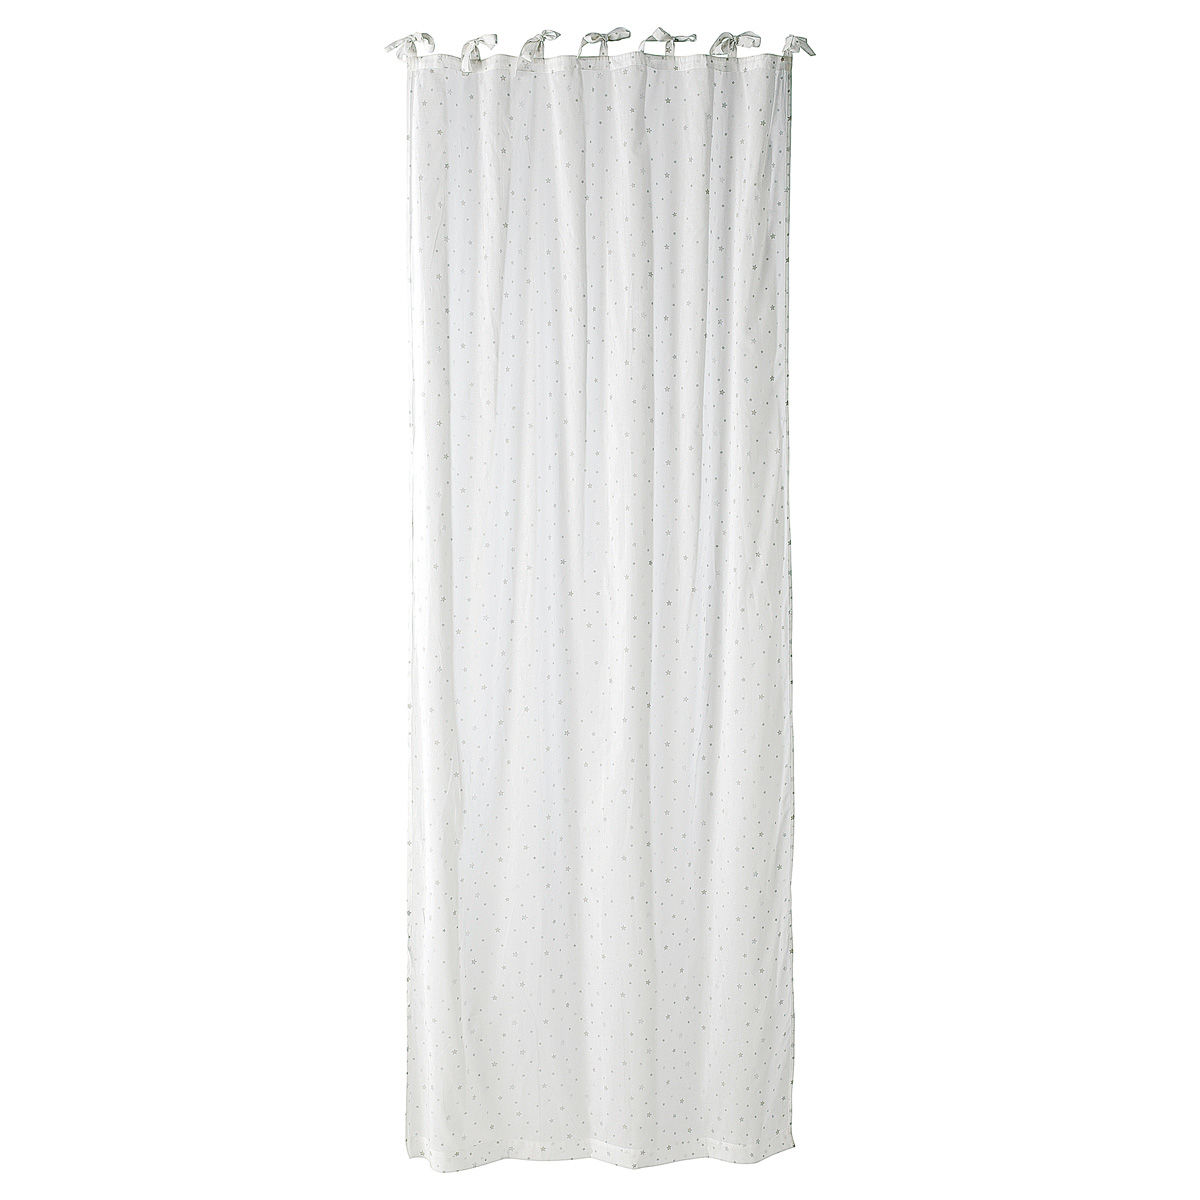 Rideau A Nouettes En Coton Blanc 102x250 Etoile Maisons Du Monde